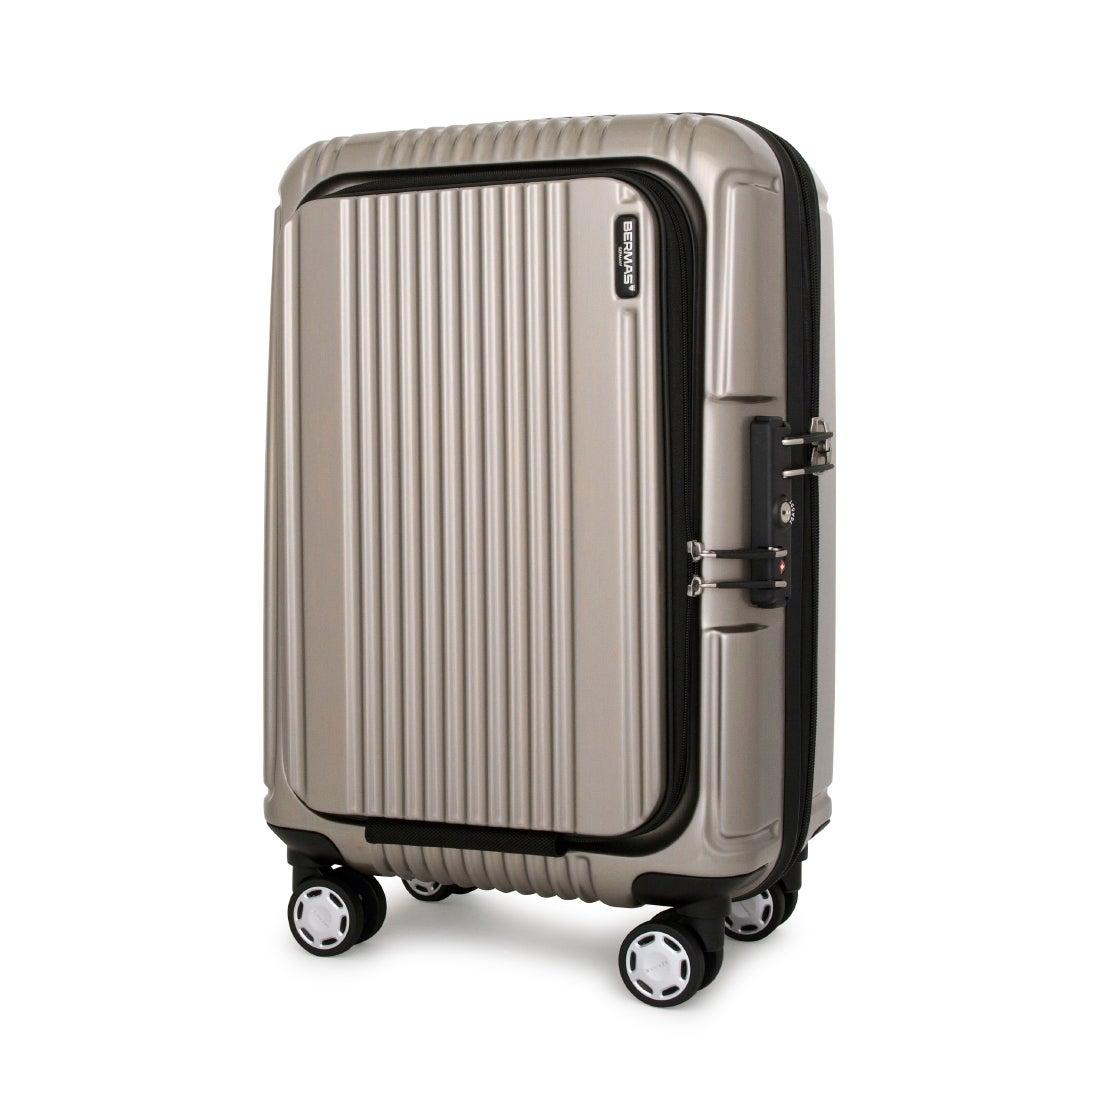 ロコンド 靴とファッションの通販サイト【SAC'SBAR】バーマスBERMASスーツケース6026149cmプレステージ2【23】ゴールド